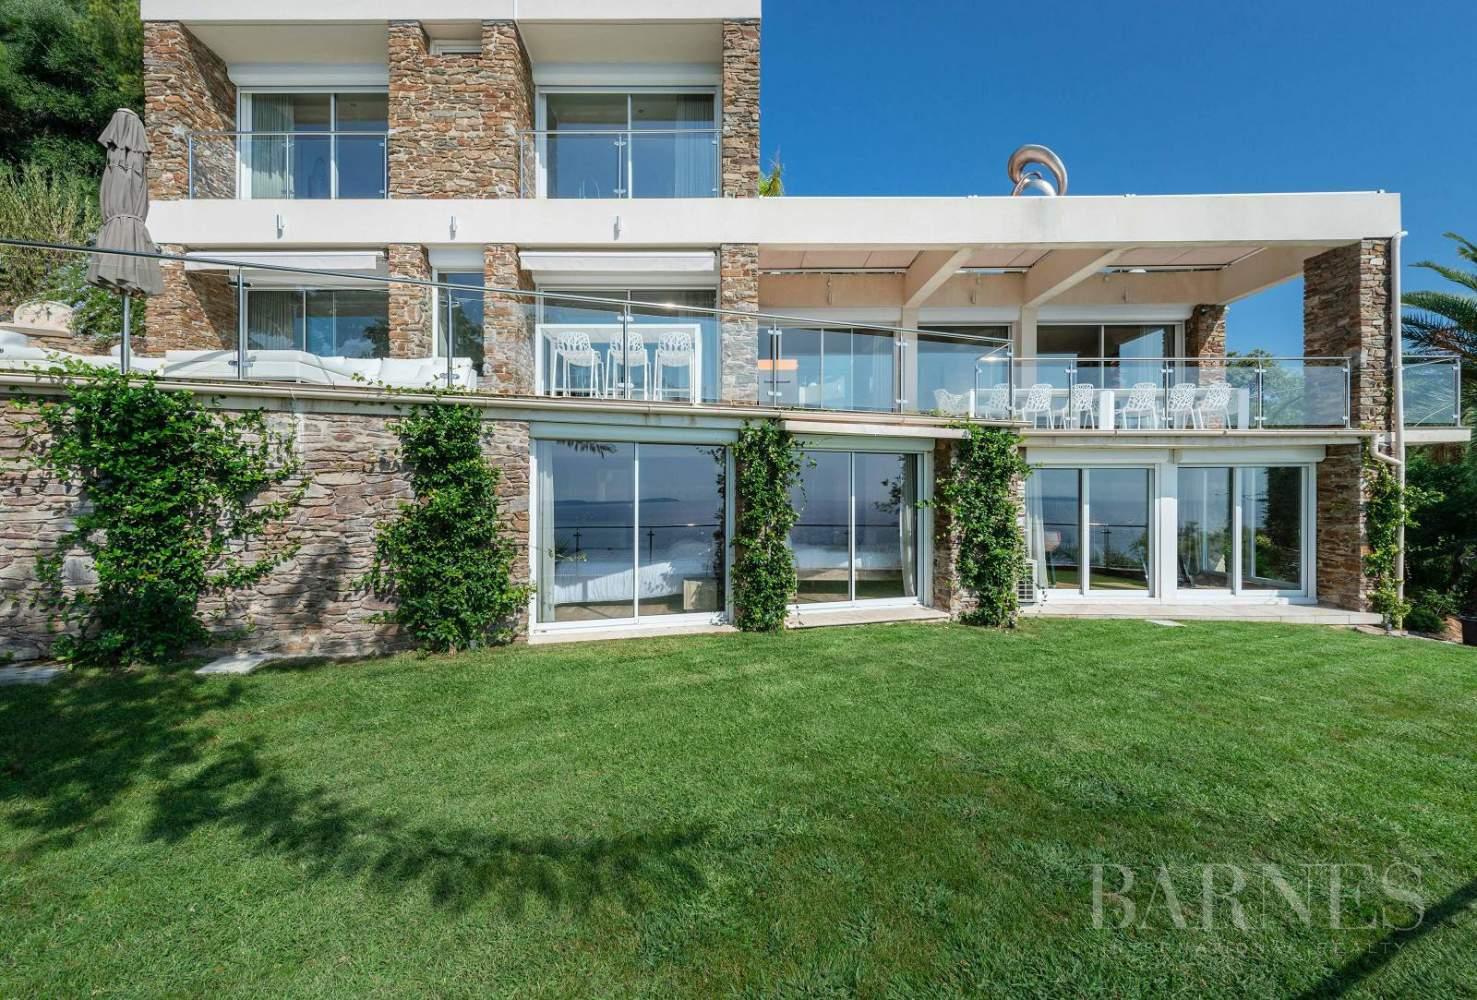 A vendre Le Lavandou villa 6 chambres vue mer panoramique - piscine picture 7